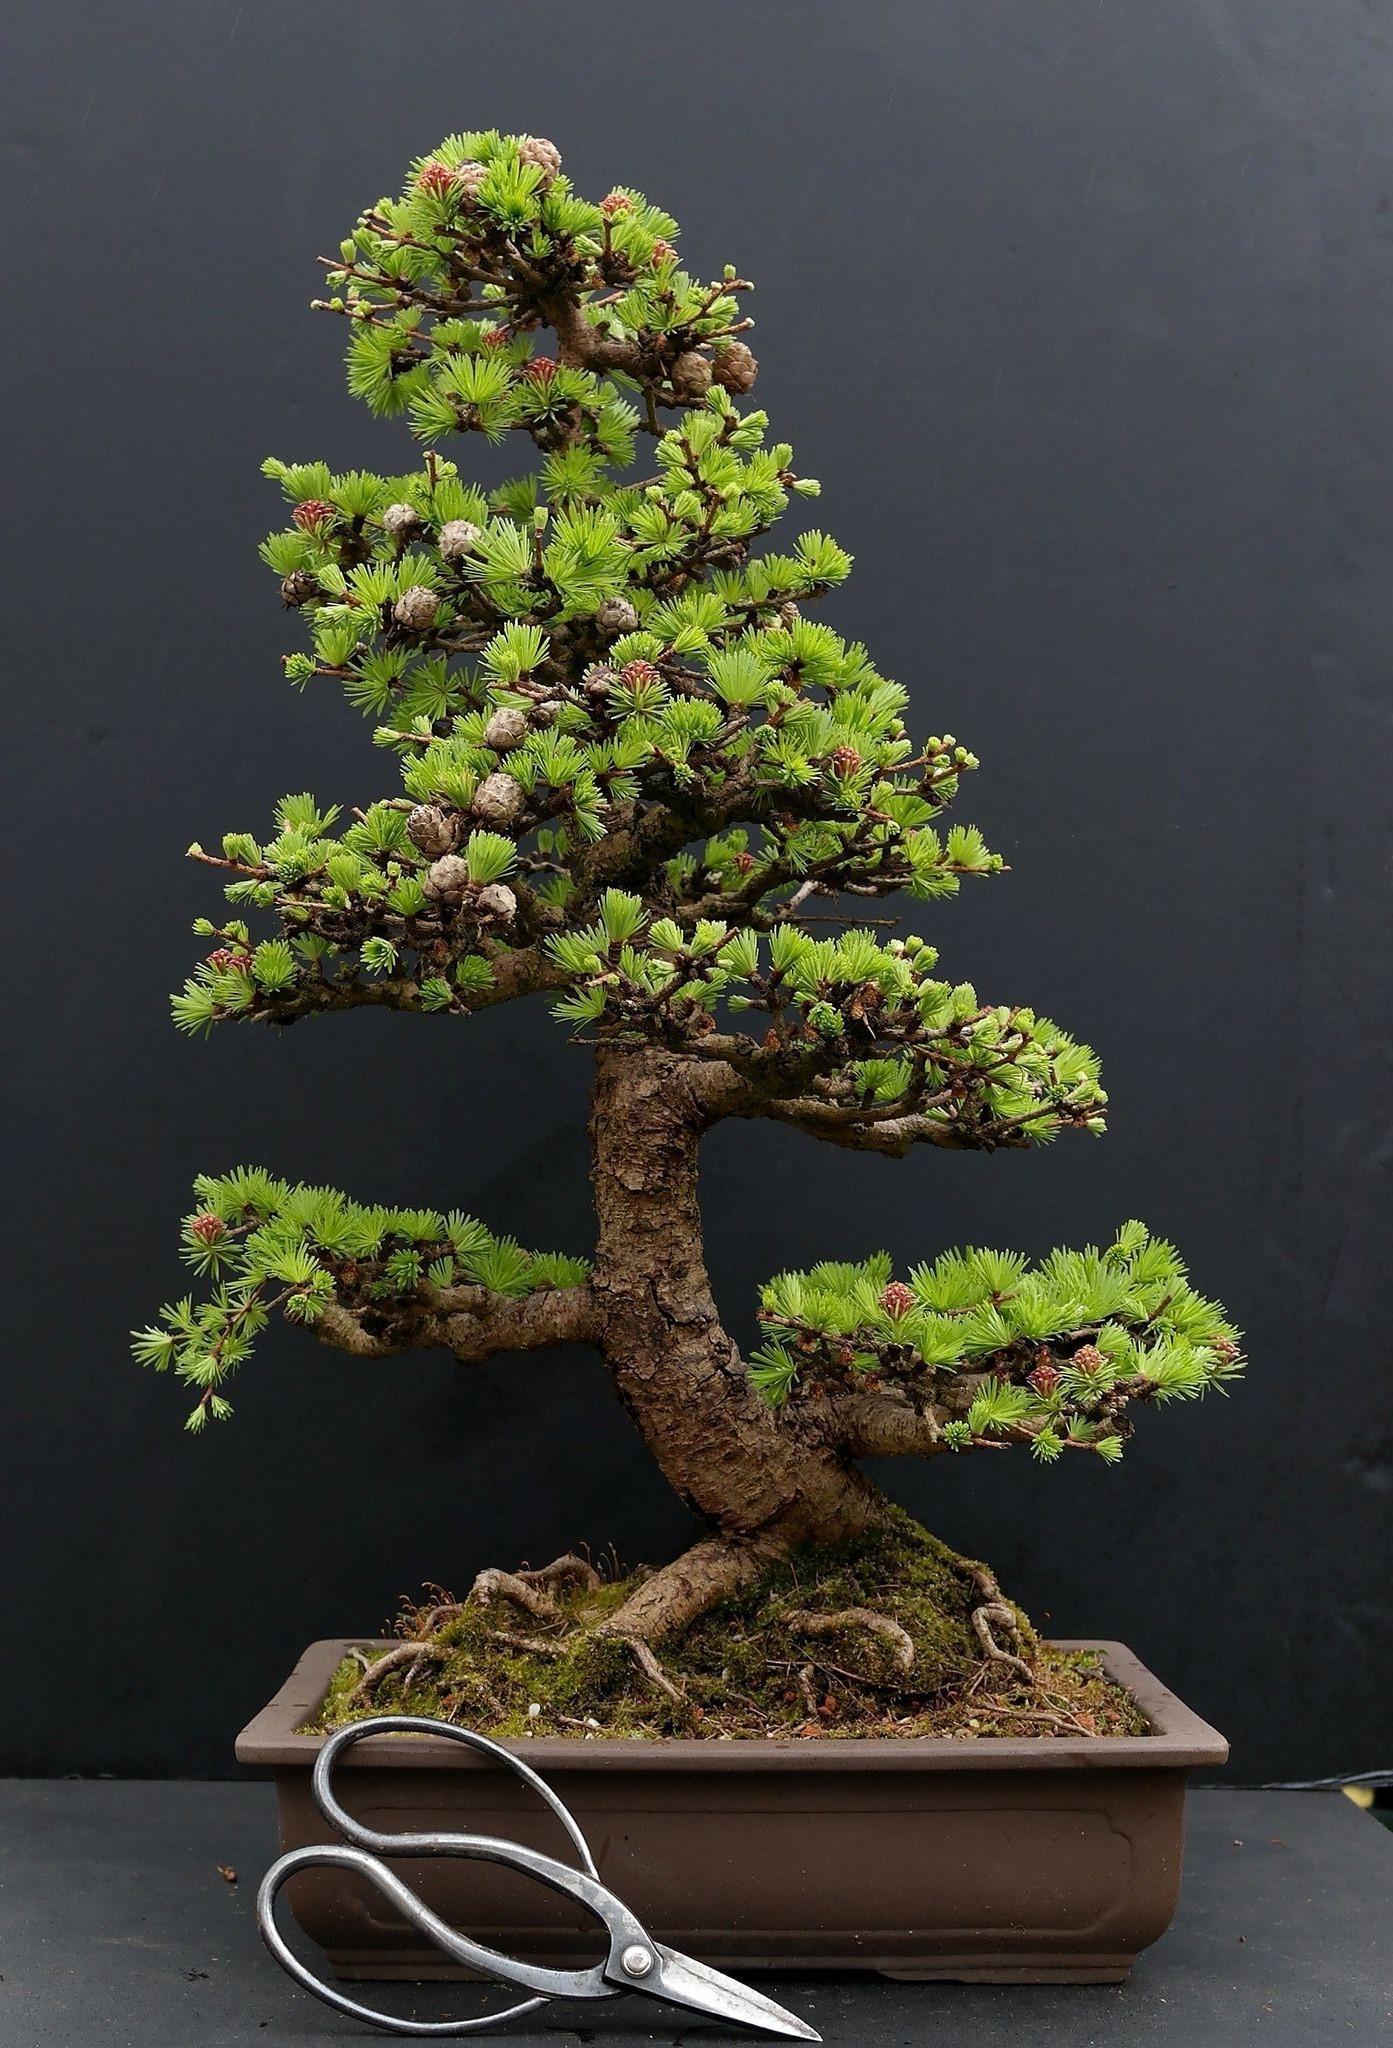 Les arbres ne mourront pas immédiatement lorsque l'intensité lumineuse est trop faible, mais la croissance diminuera, ce qui finira par affaiblir la plante.